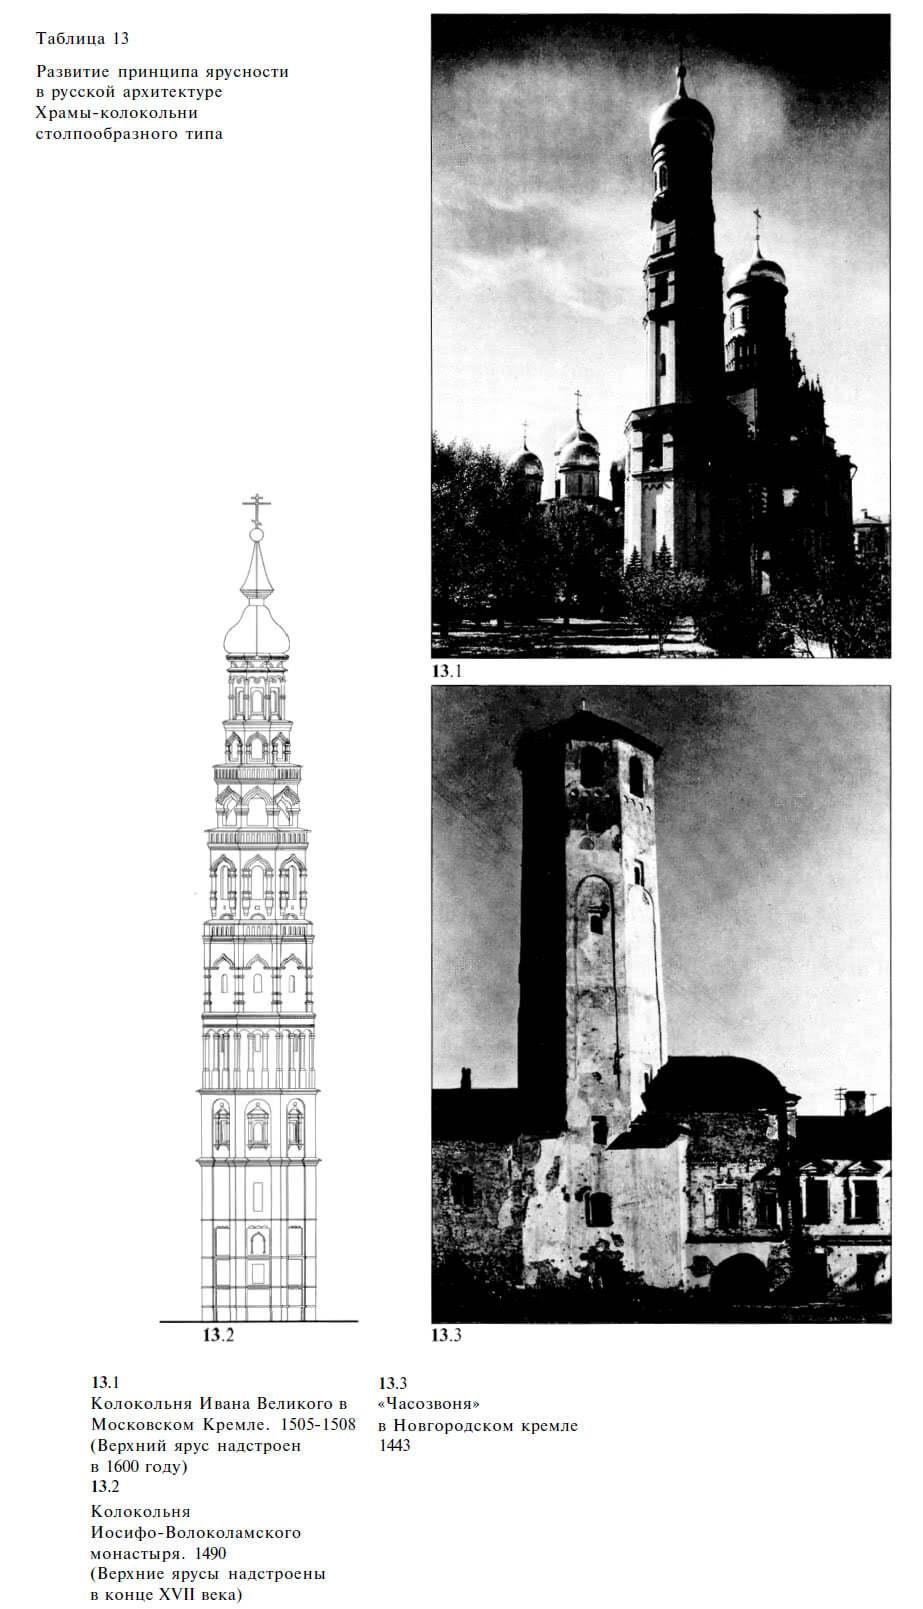 Развитие принципа ярусности в русской архитектуре Храмы-колокольни столпообразного типа